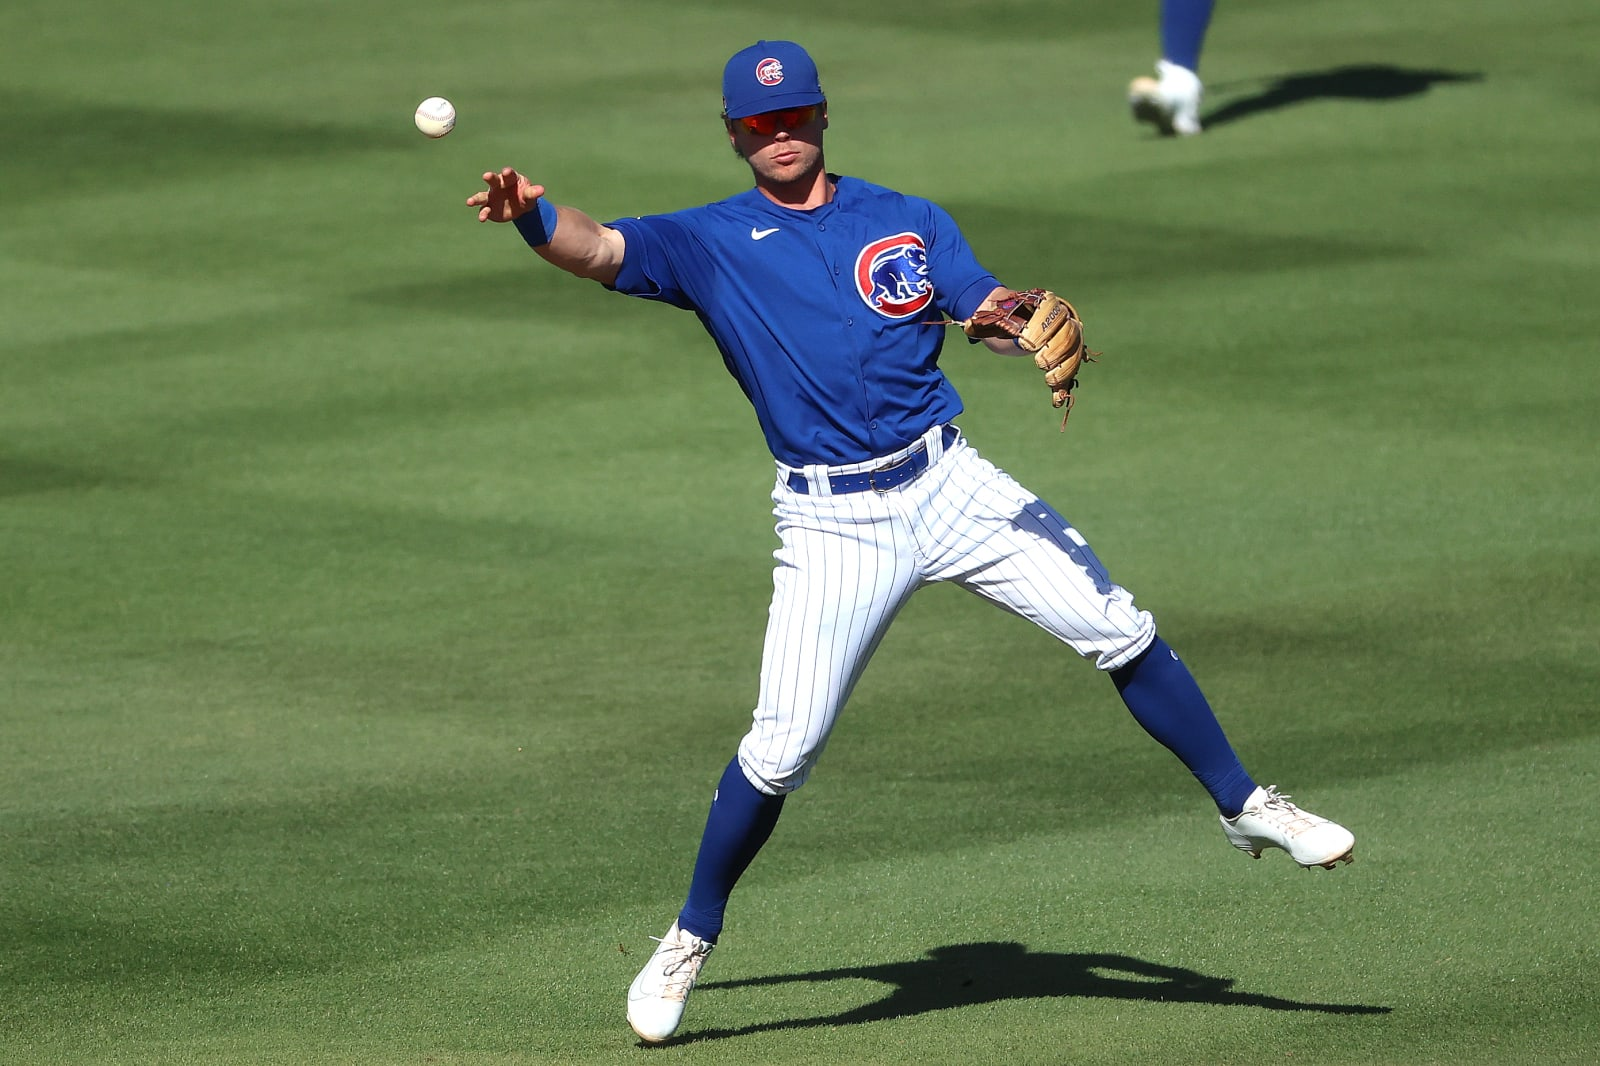 Chicago Cubs, Nico Hoerner